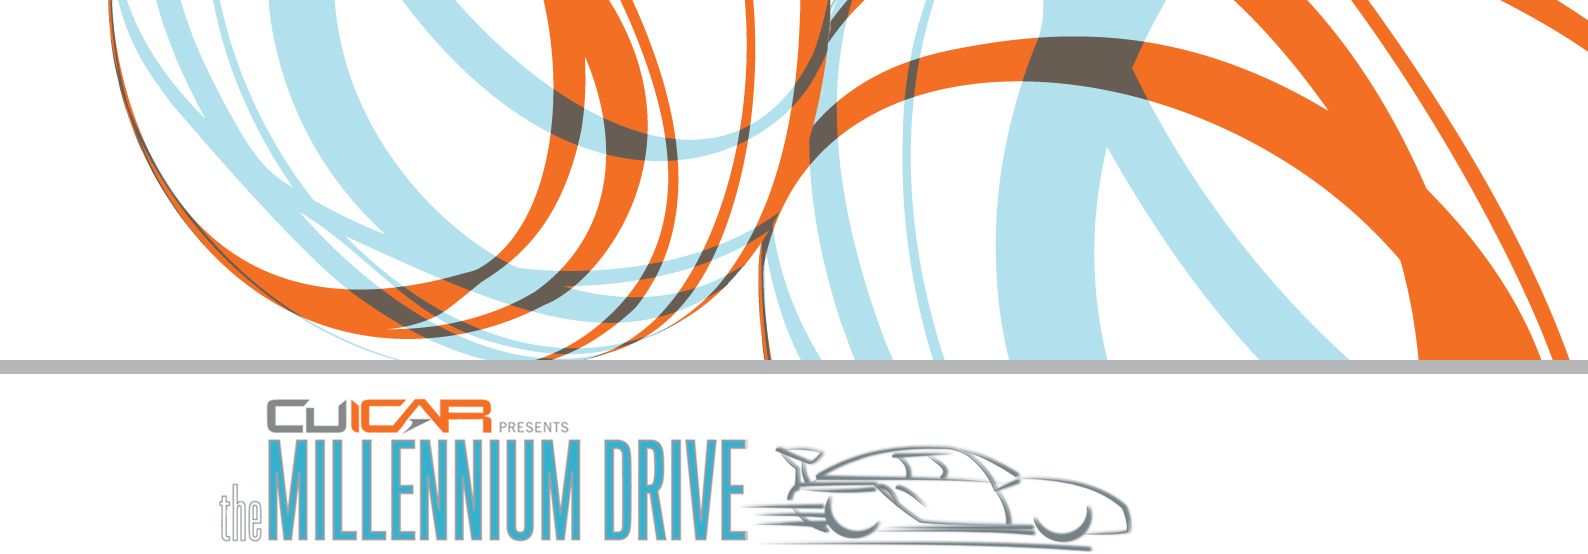 Car Cruise Millennium Drive Banner